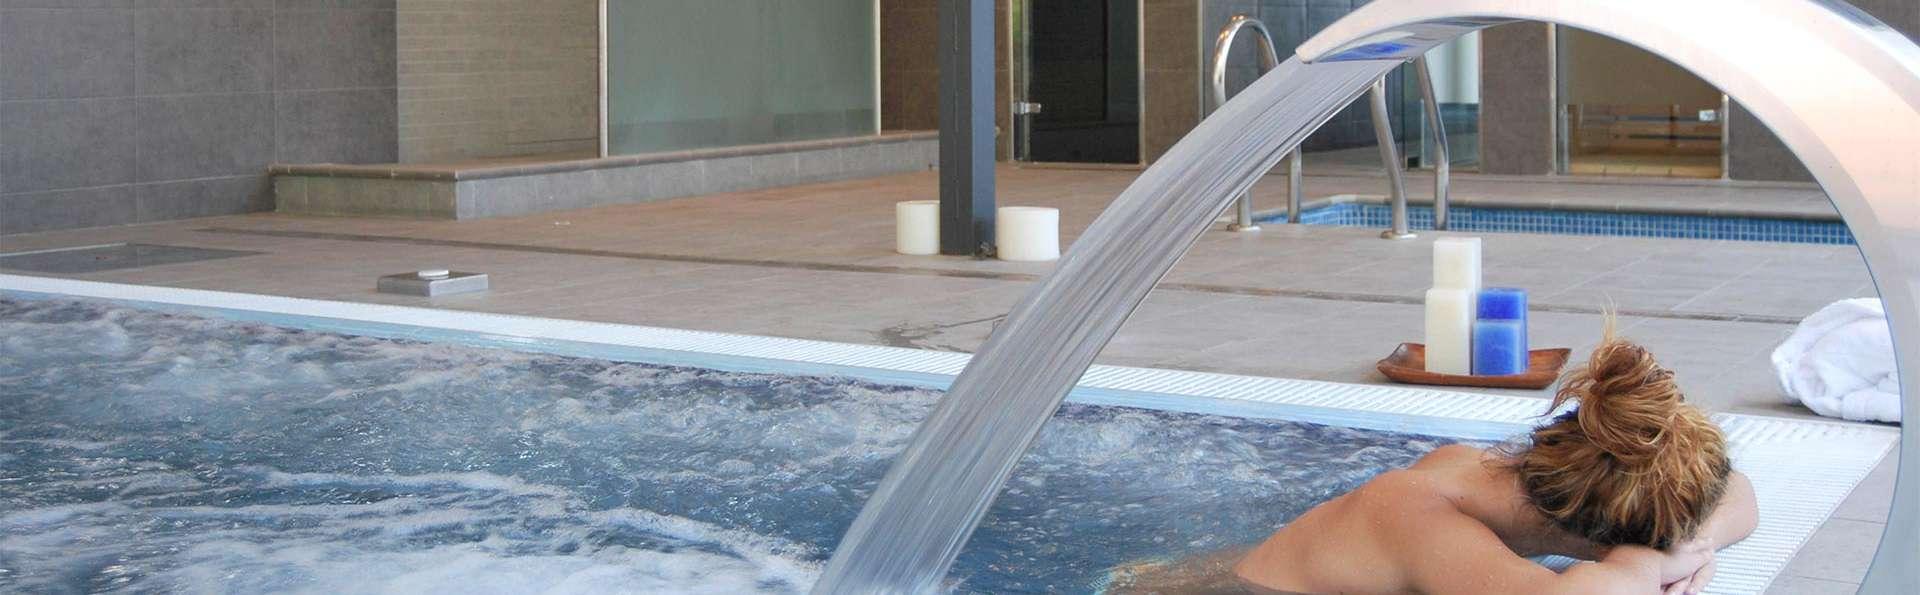 Escapade détente 4* à proximité de Begur: environnement unique, accès au spa et bien plus encore